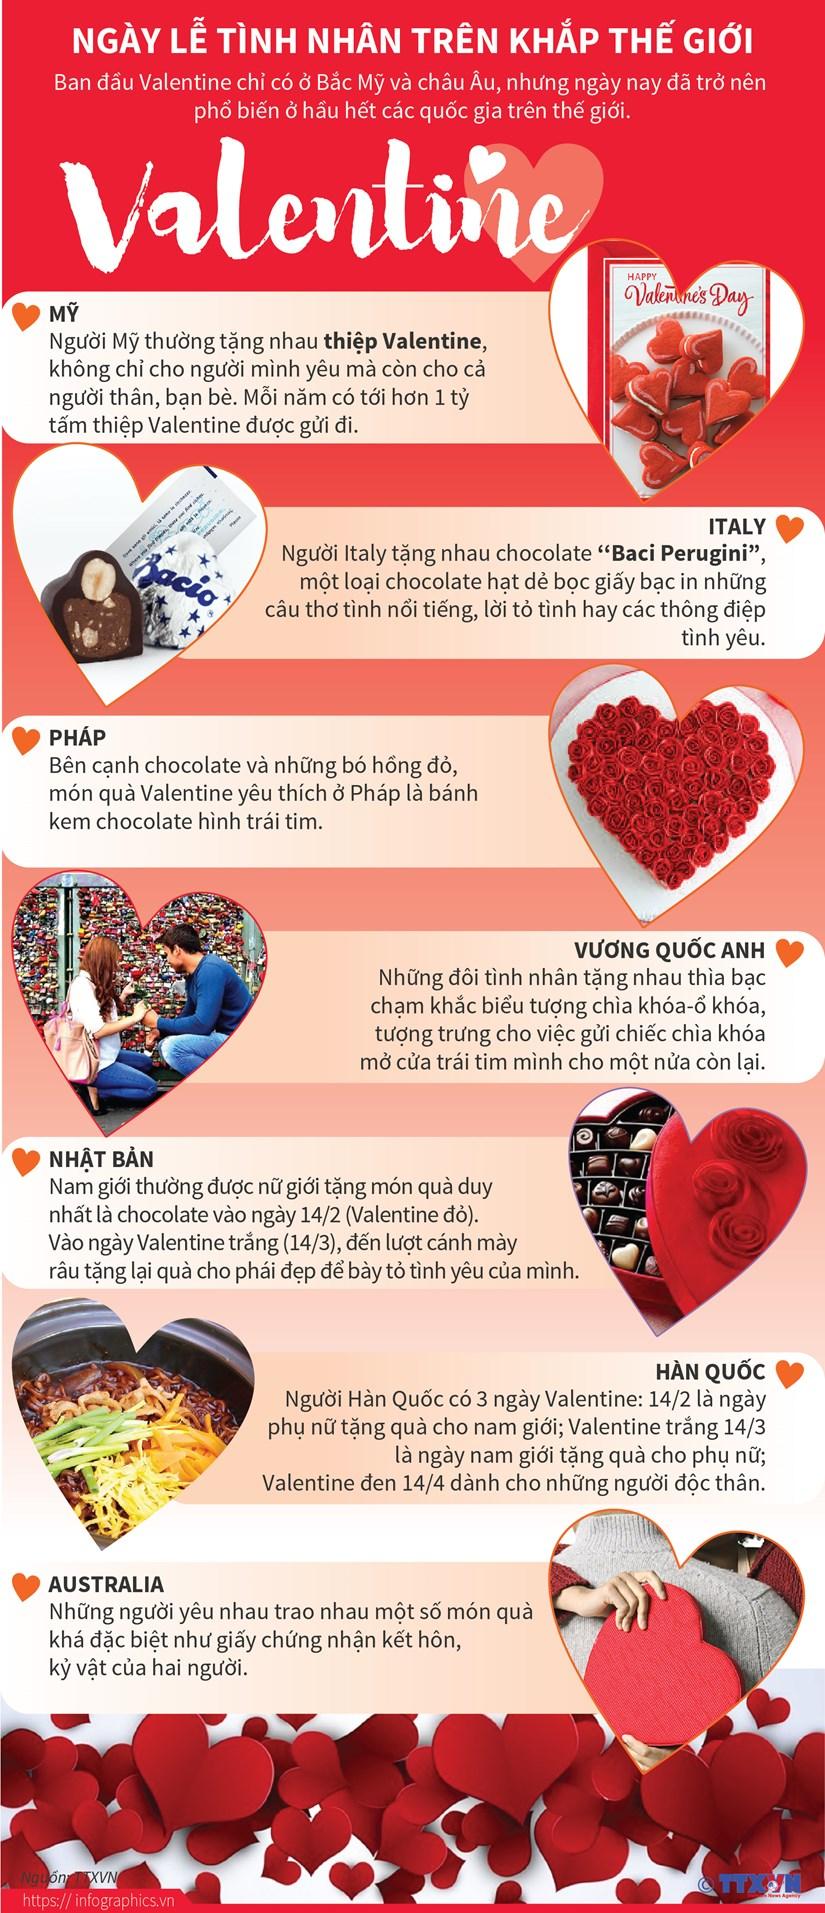 [Infographics] Tang qua gi cho nguoi yeu trong ngay Valetine? hinh anh 1